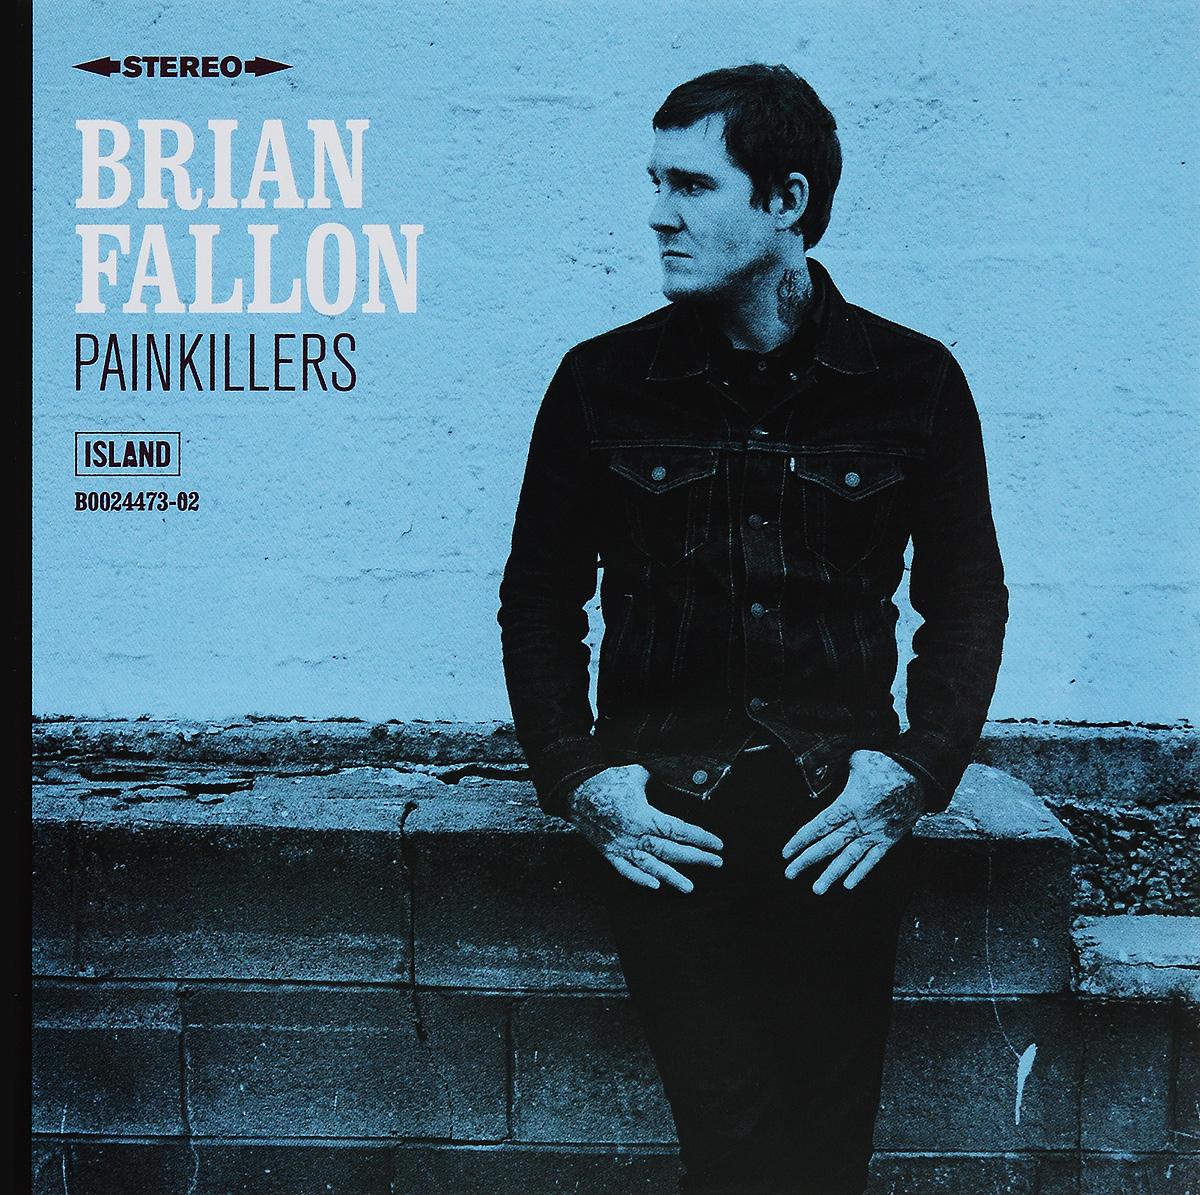 Издание содержит 12-страничный буклет с черно-белыми фотографиями и текстами песен на английской языке.